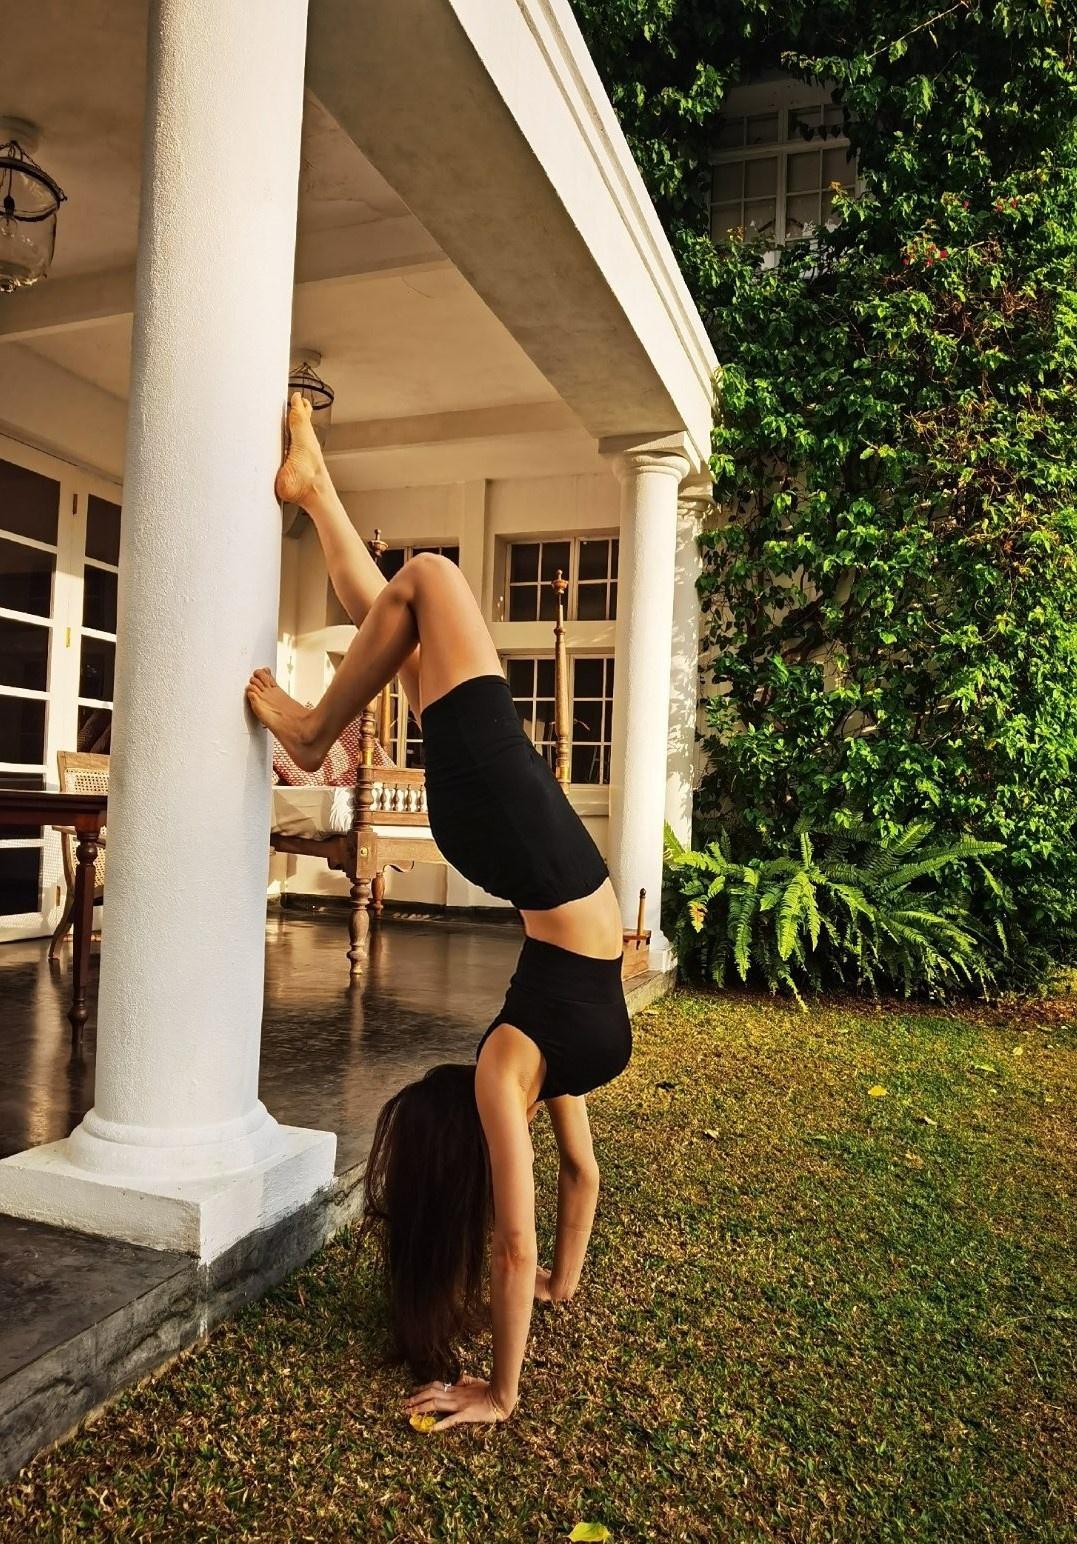 90后健身达人李津津,不论室内室外都在健身,滋养骨盆活得更快活